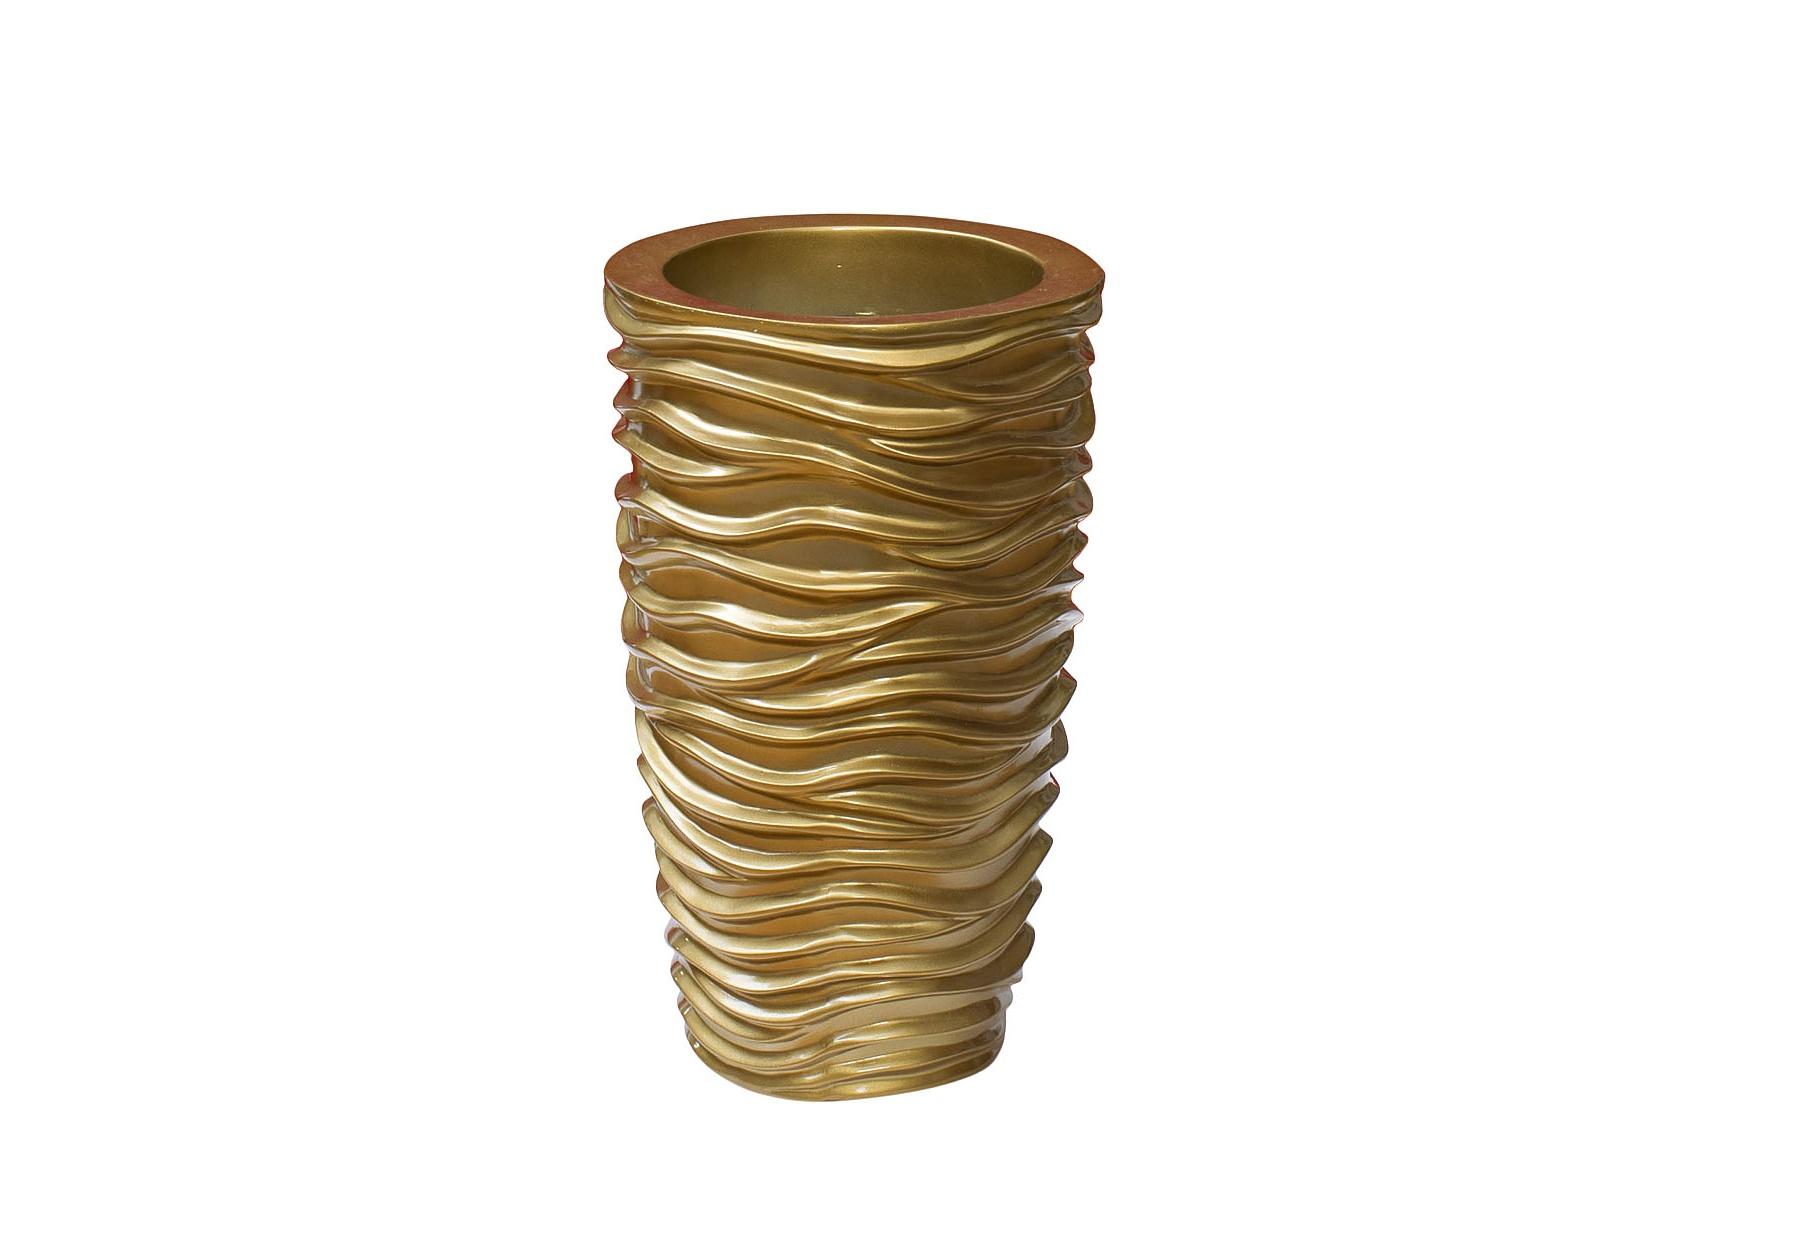 КашпоКашпо<br>Золотистое кашпо от Garda Decor элегантно дополнит любую часть интерьера. Плавные волны на стенках кашпо создают иллюзию водной ряби. В результате подобных объемных складочек кашпо схоже с оригинальной скульптурой. Подойдет для восточных&amp;amp;nbsp;&amp;lt;span style=&amp;quot;line-height: 24.9999px;&amp;quot;&amp;gt;и колониальных&amp;amp;nbsp;&amp;lt;/span&amp;gt;пространств, где много декоративных элементов.<br><br>Material: Керамика<br>Width см: 29<br>Depth см: 29<br>Height см: 47